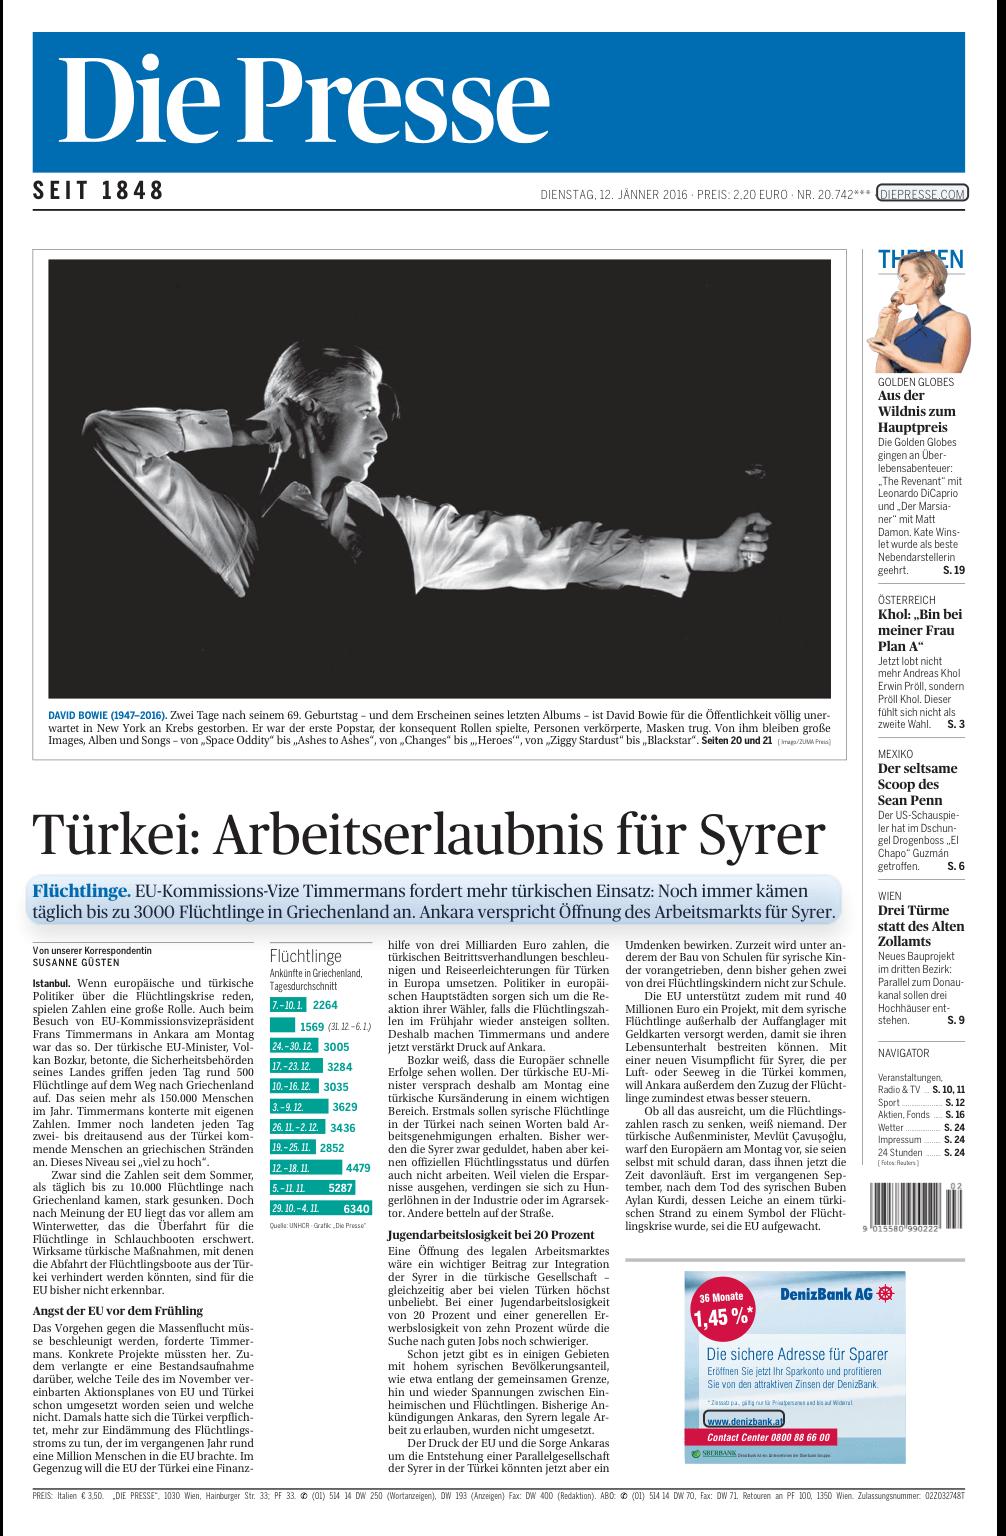 頭像就隨便貼一個算了,奧地利輿論報,黑白,應該算最潮,又不失中道。